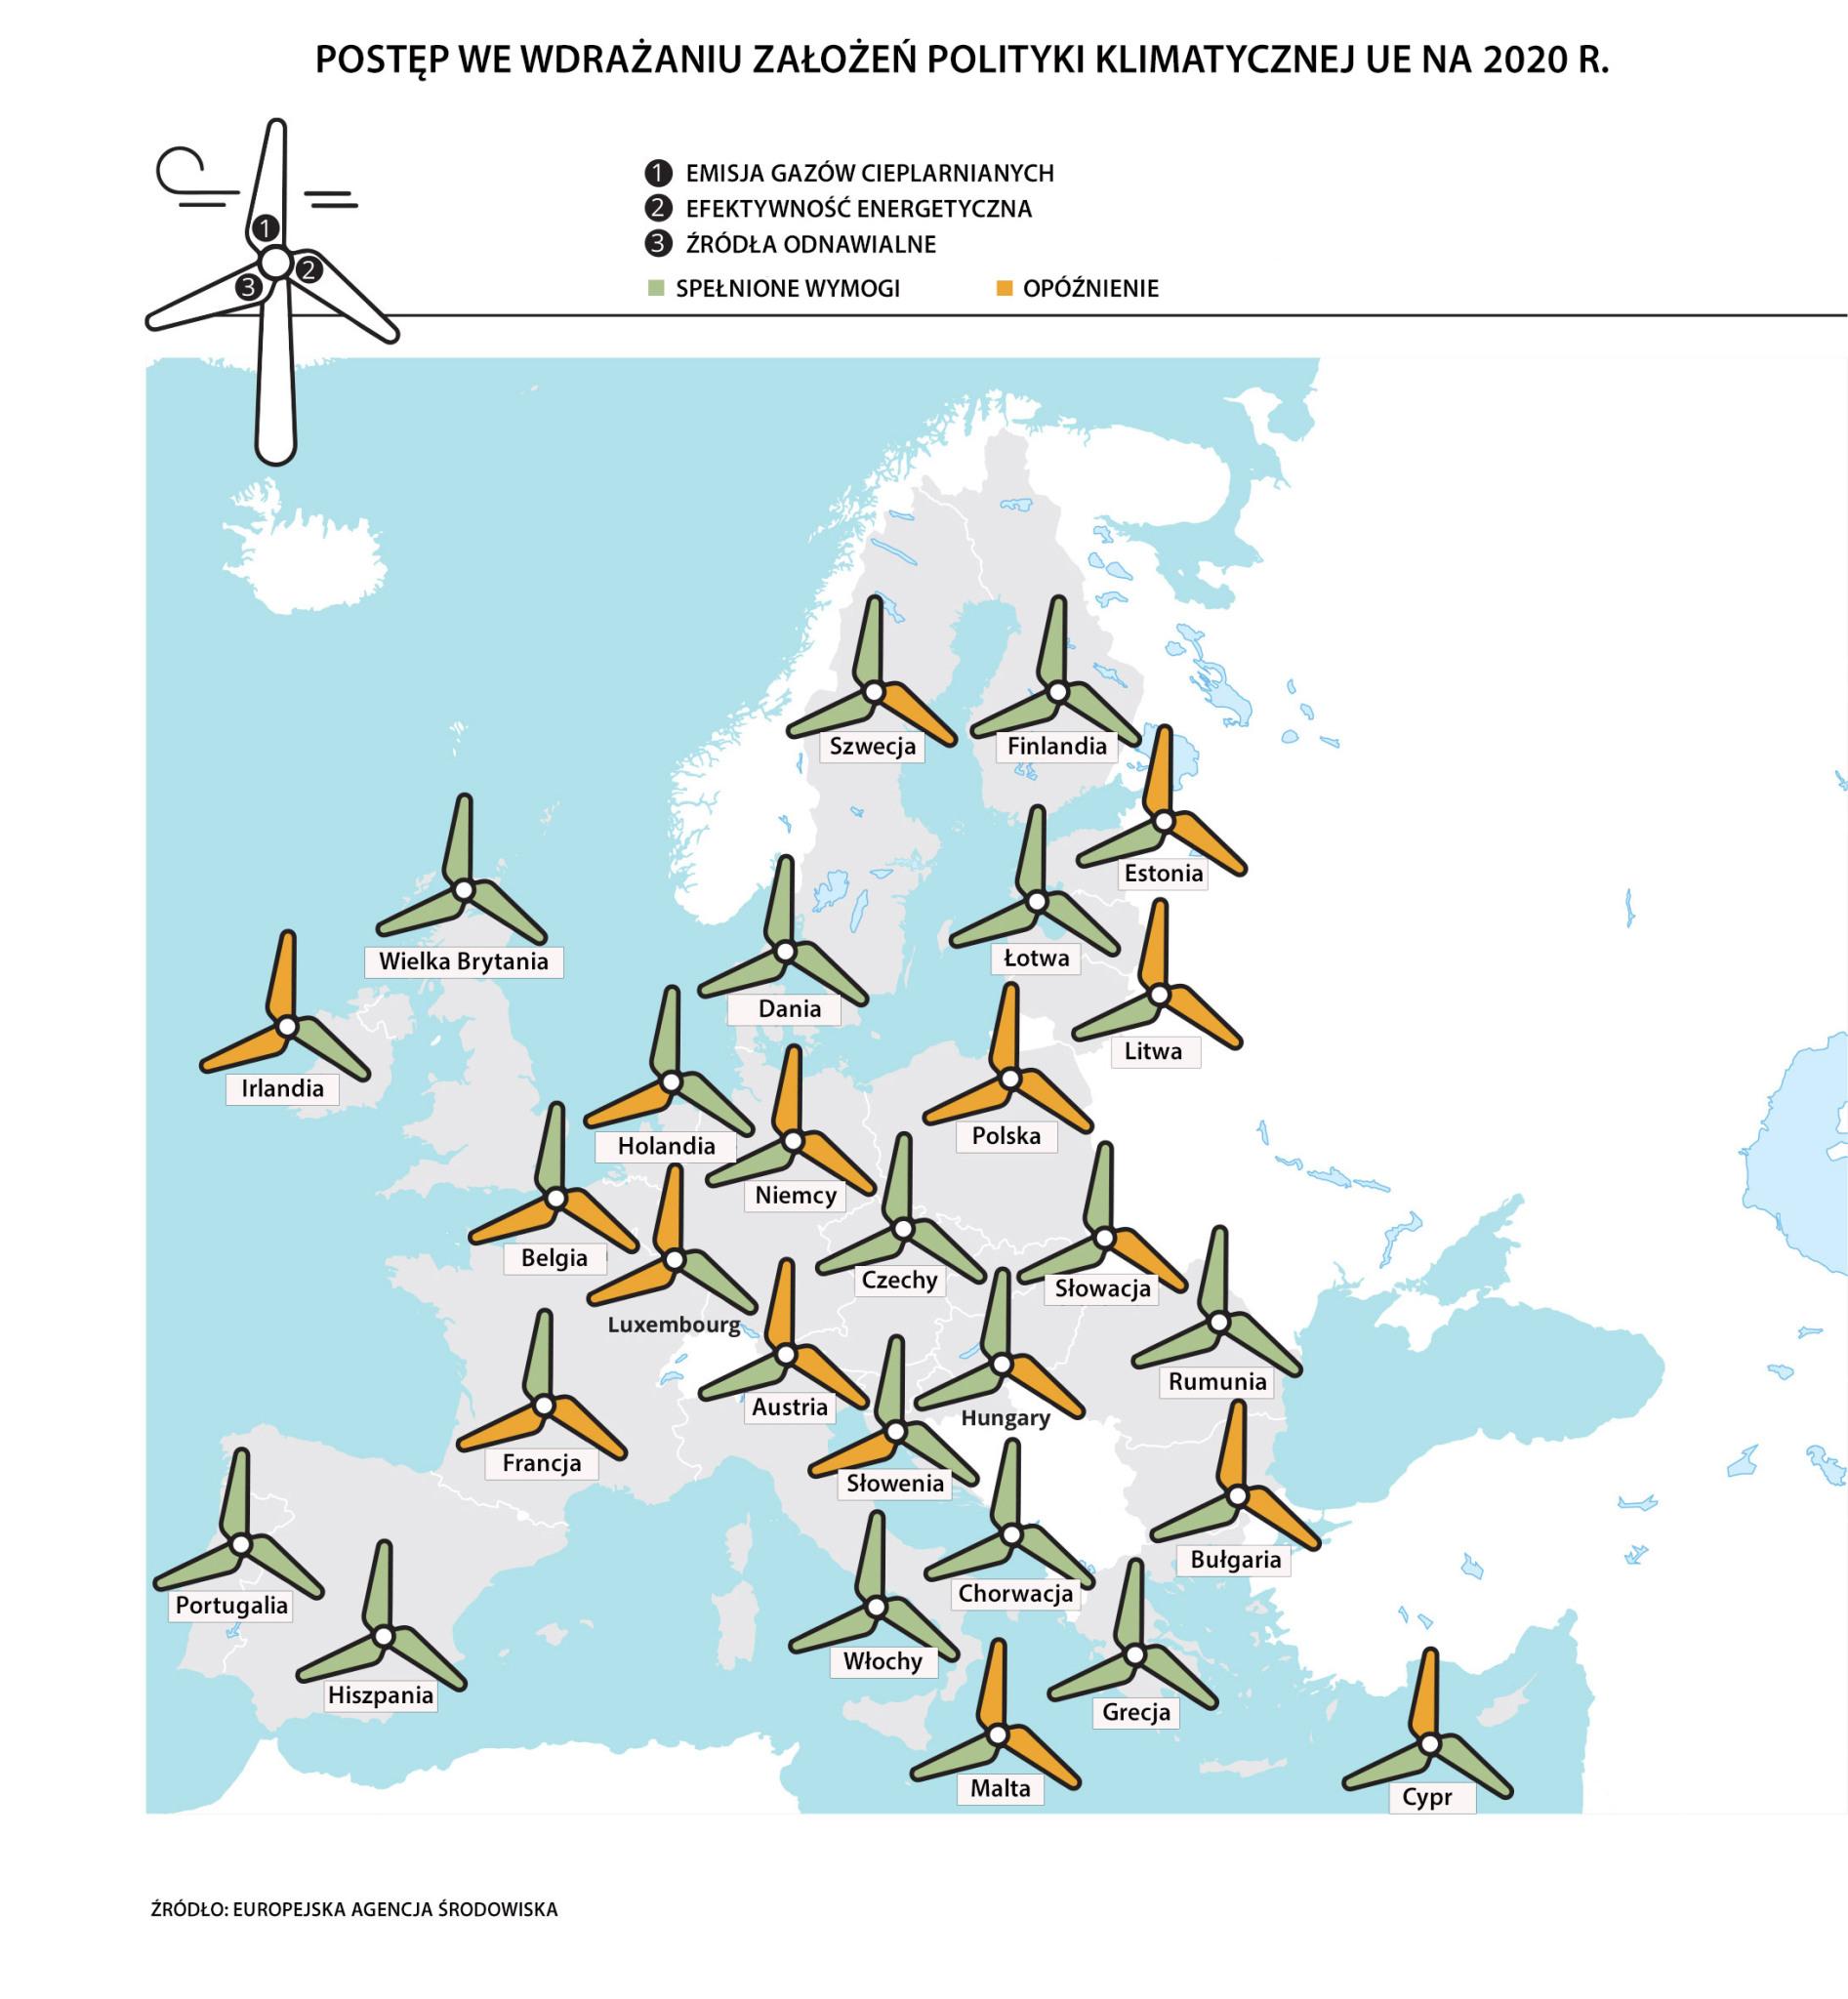 realizacja celów pakietu klimatycznego UE w 2020 r.